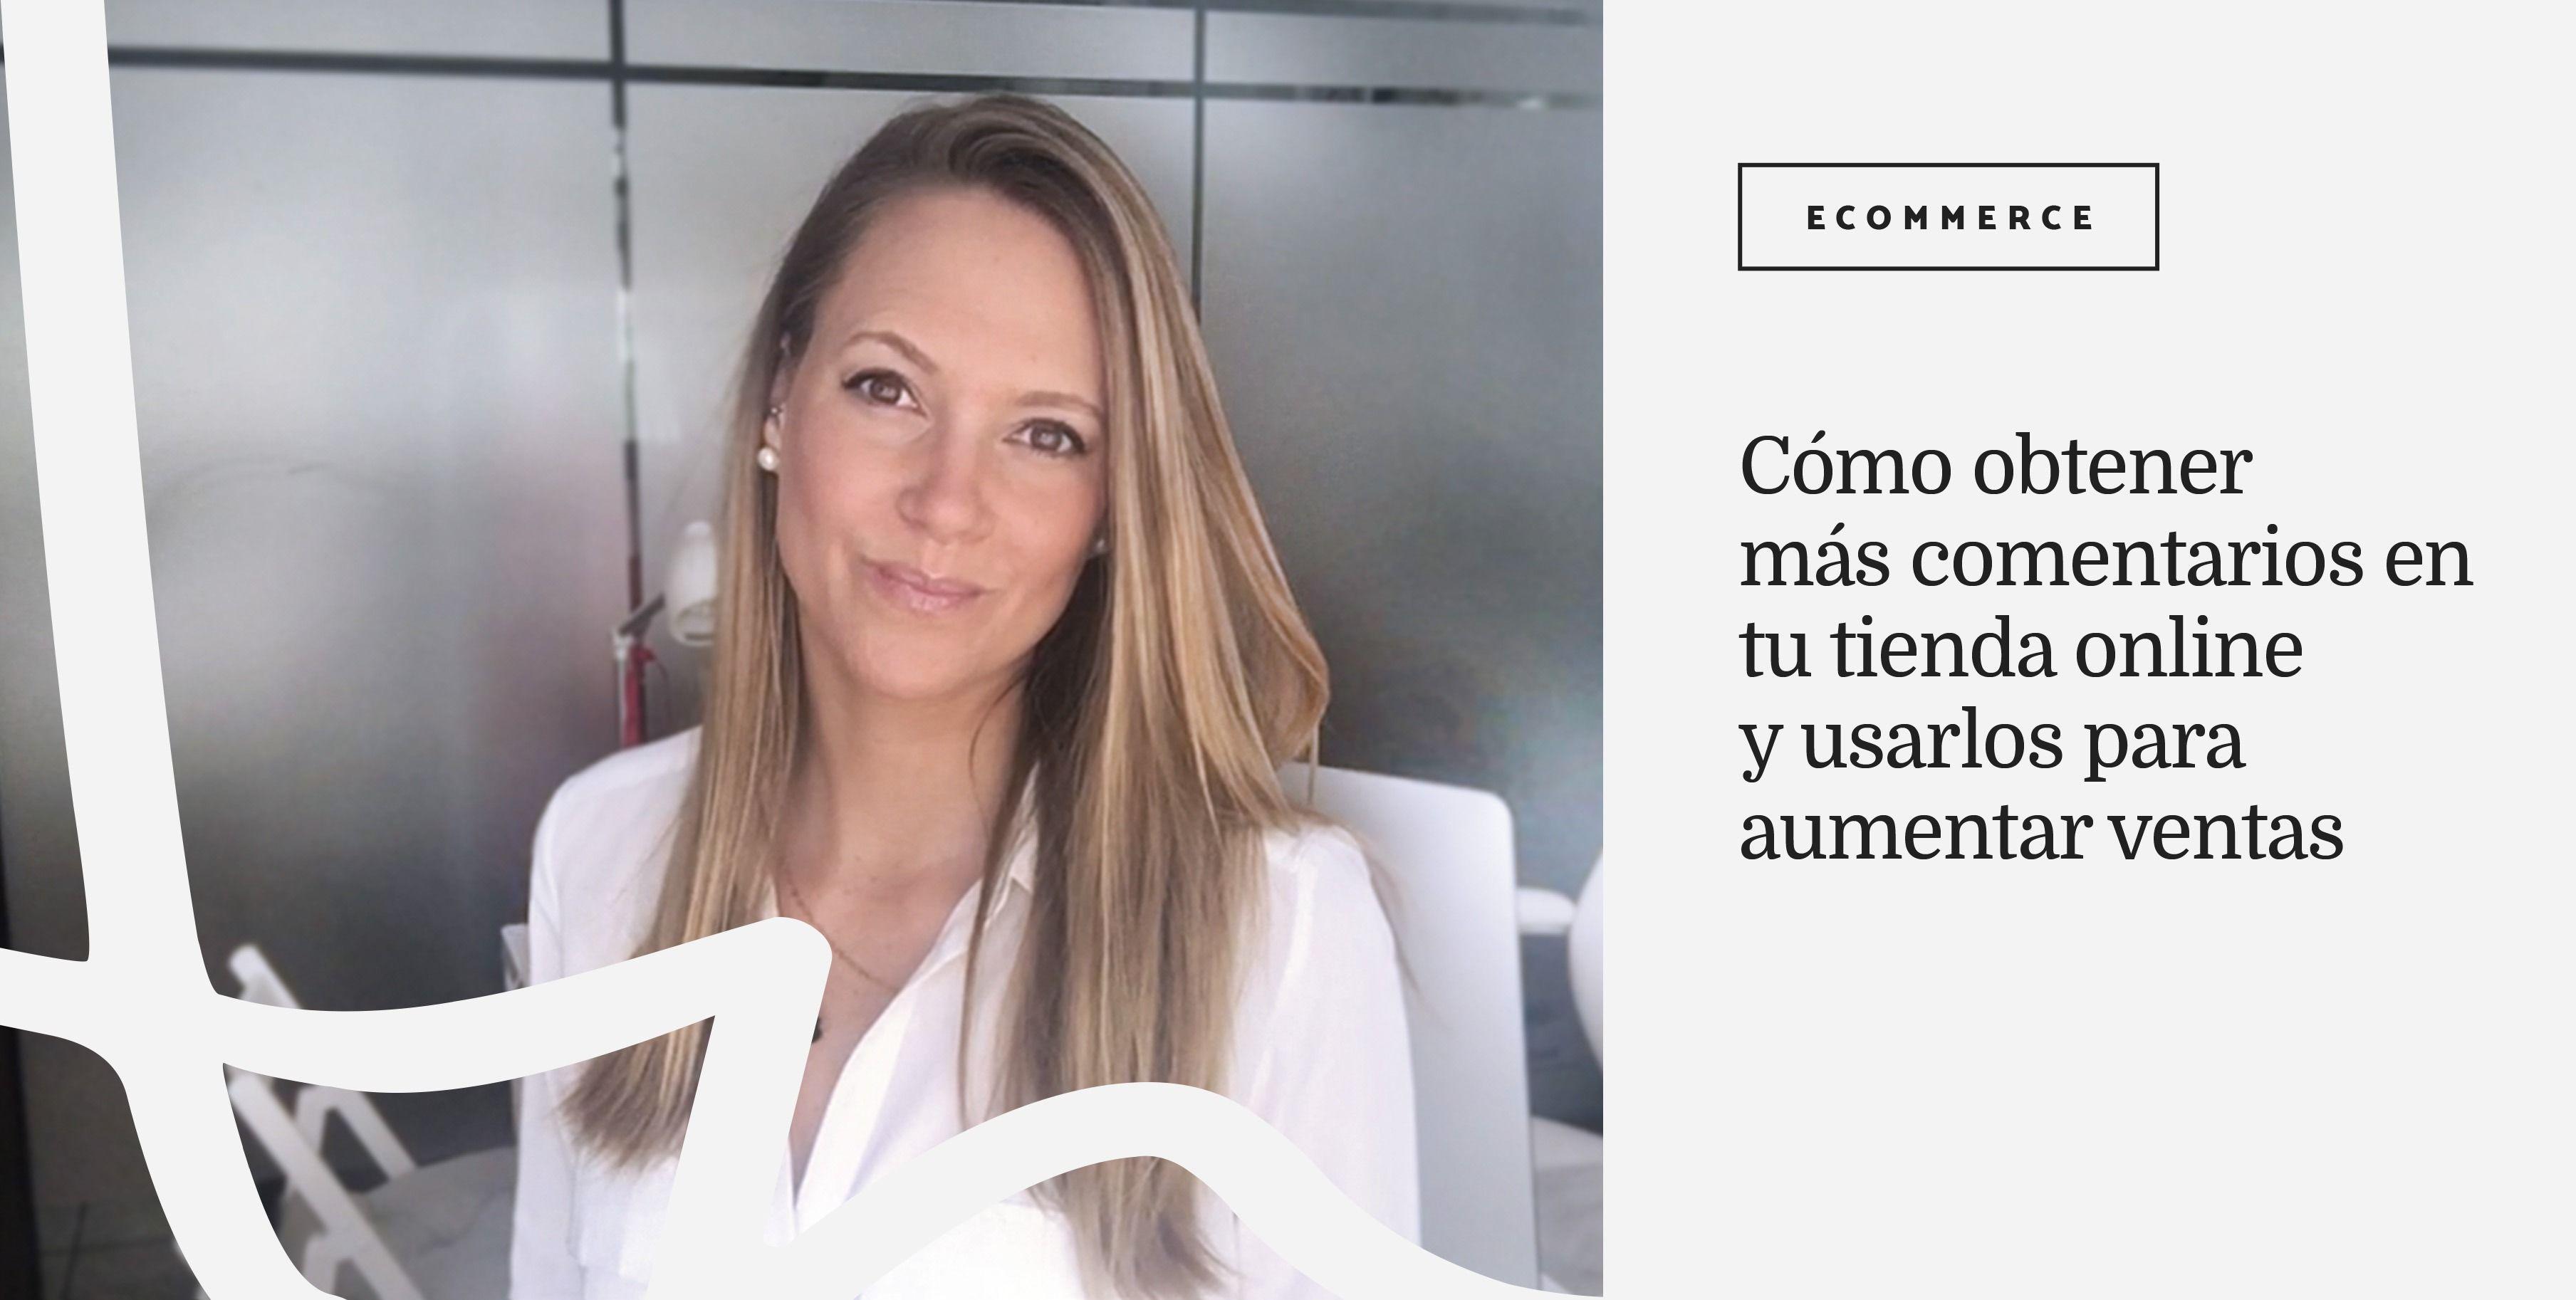 Conseguir-valoraciones-y-opiniones-ecommerce-moda-Ana-Diaz-del-Rio-portada-03.jpg